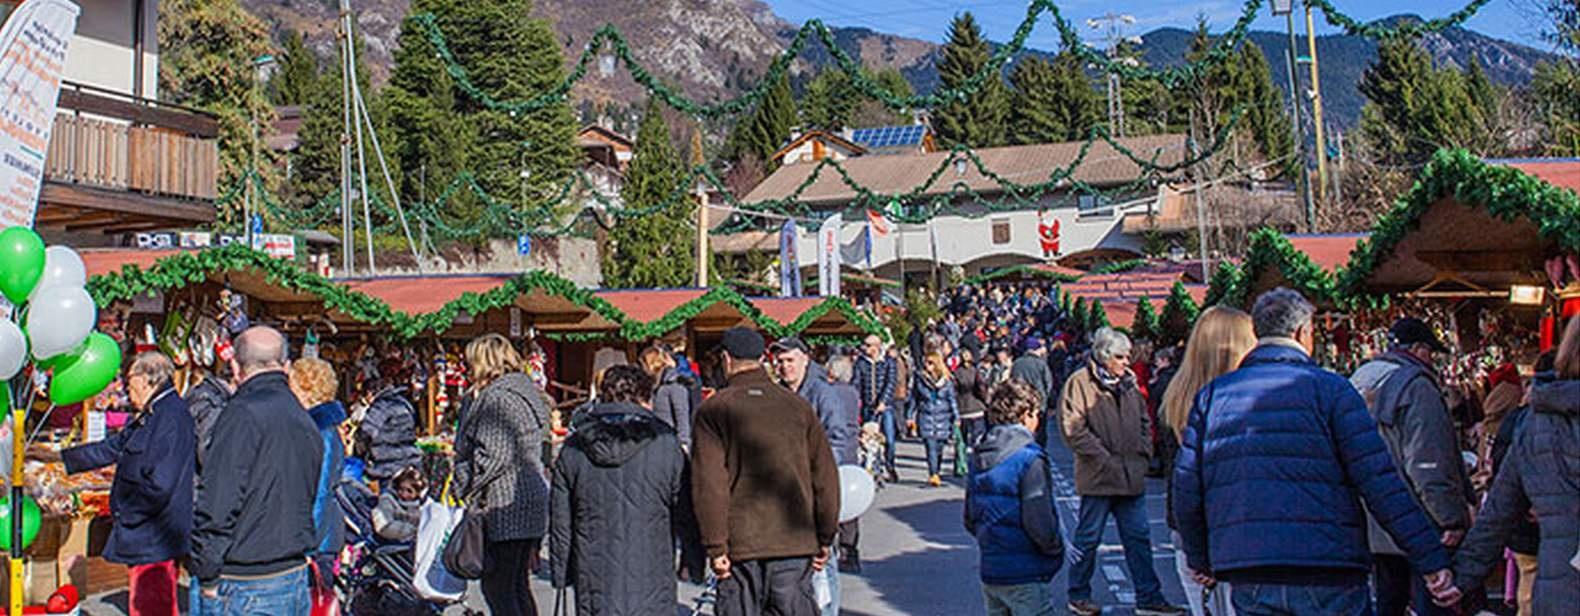 CHRISTMAS MARKETS IN CASTIONE DELLA PRESOLANA